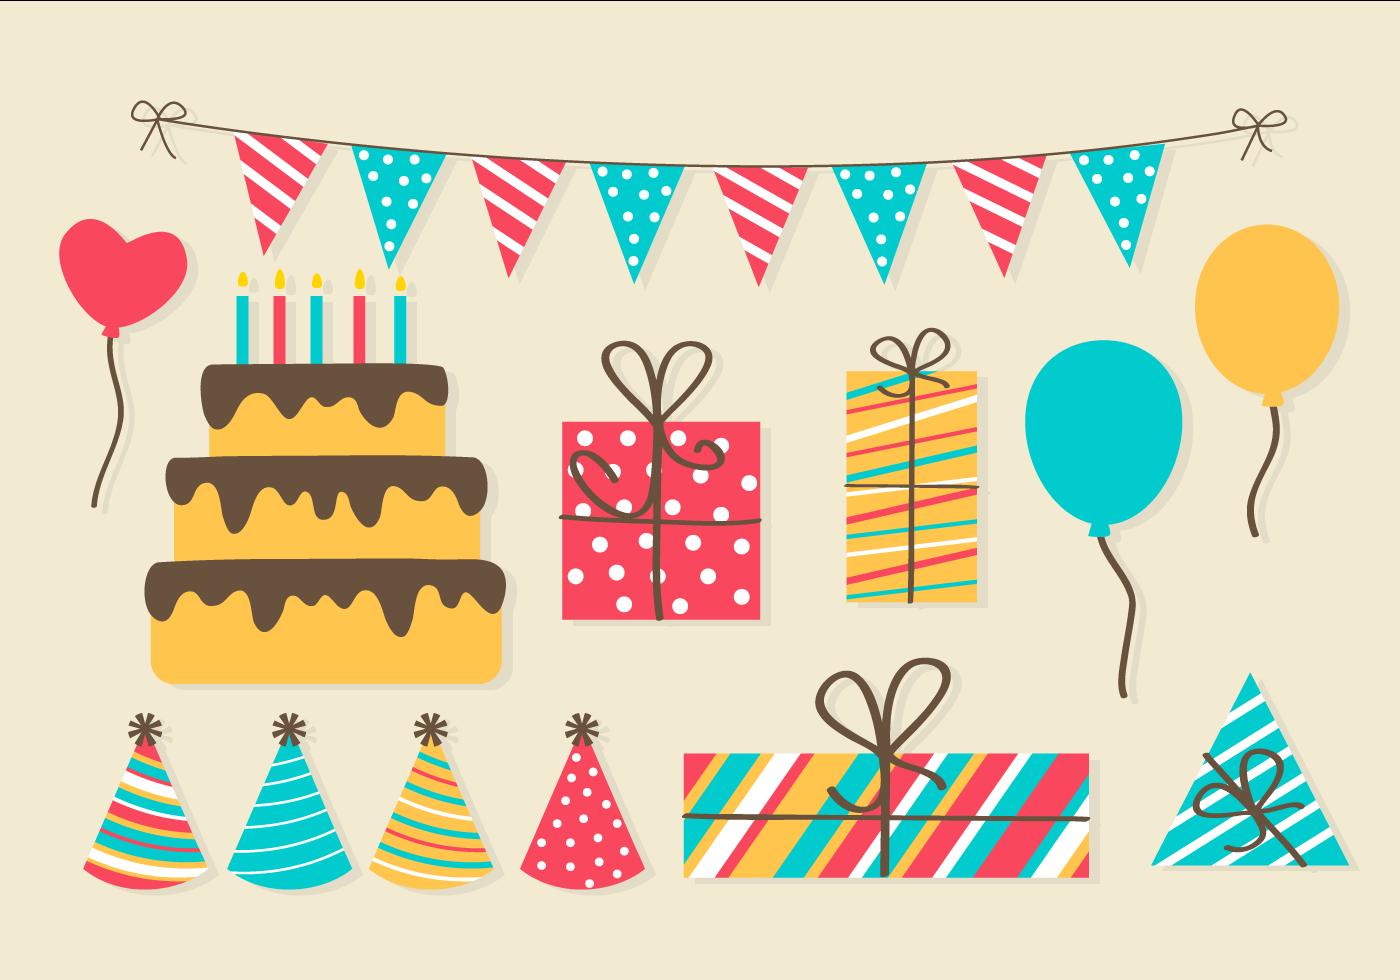 Вектор для открыток с днем рождения